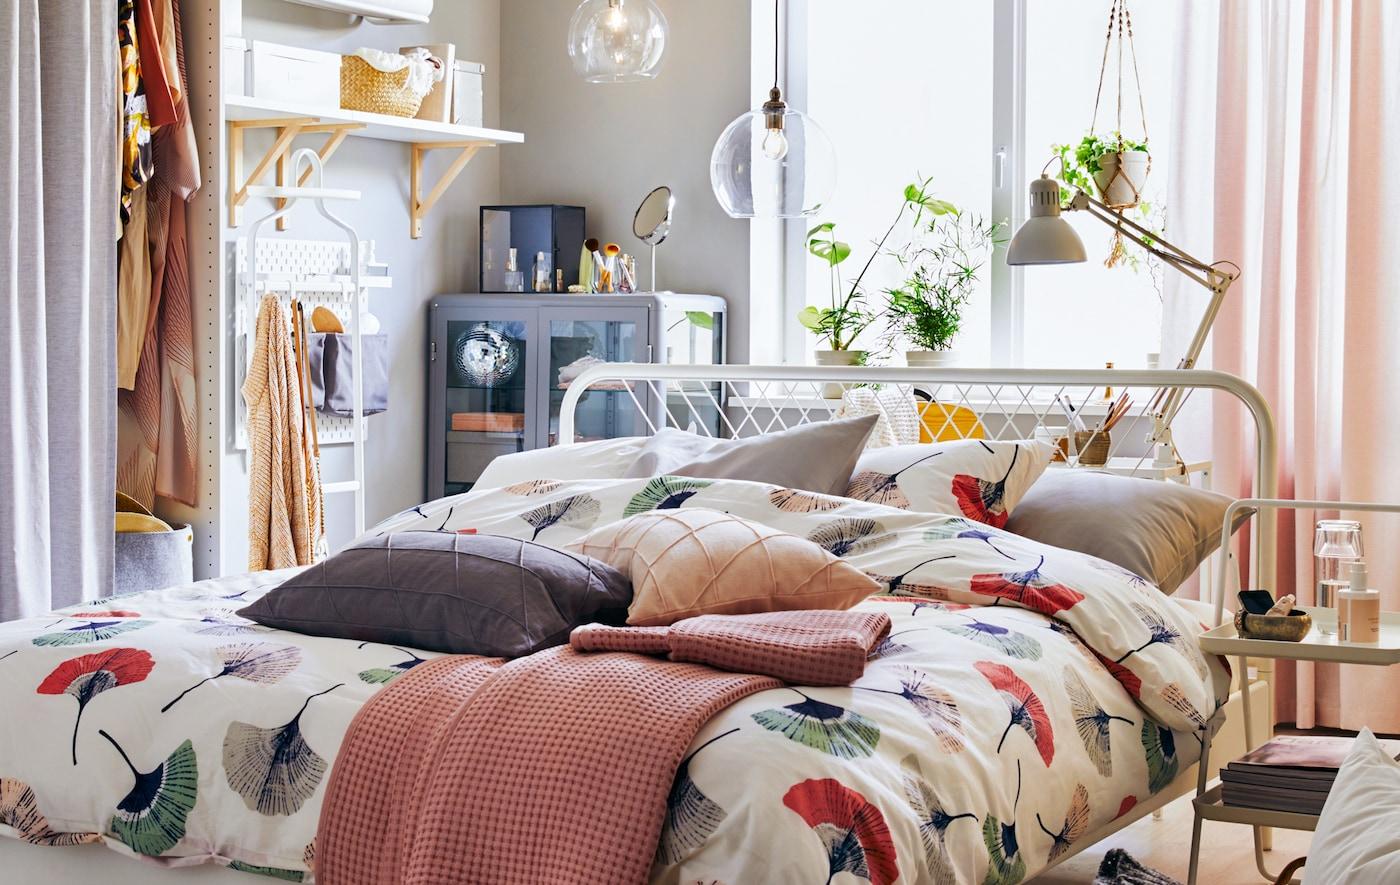 Un letto con biancheria a motivo floreale in mezzo a una stanza con scaffali e mensole a giorno - IKEA